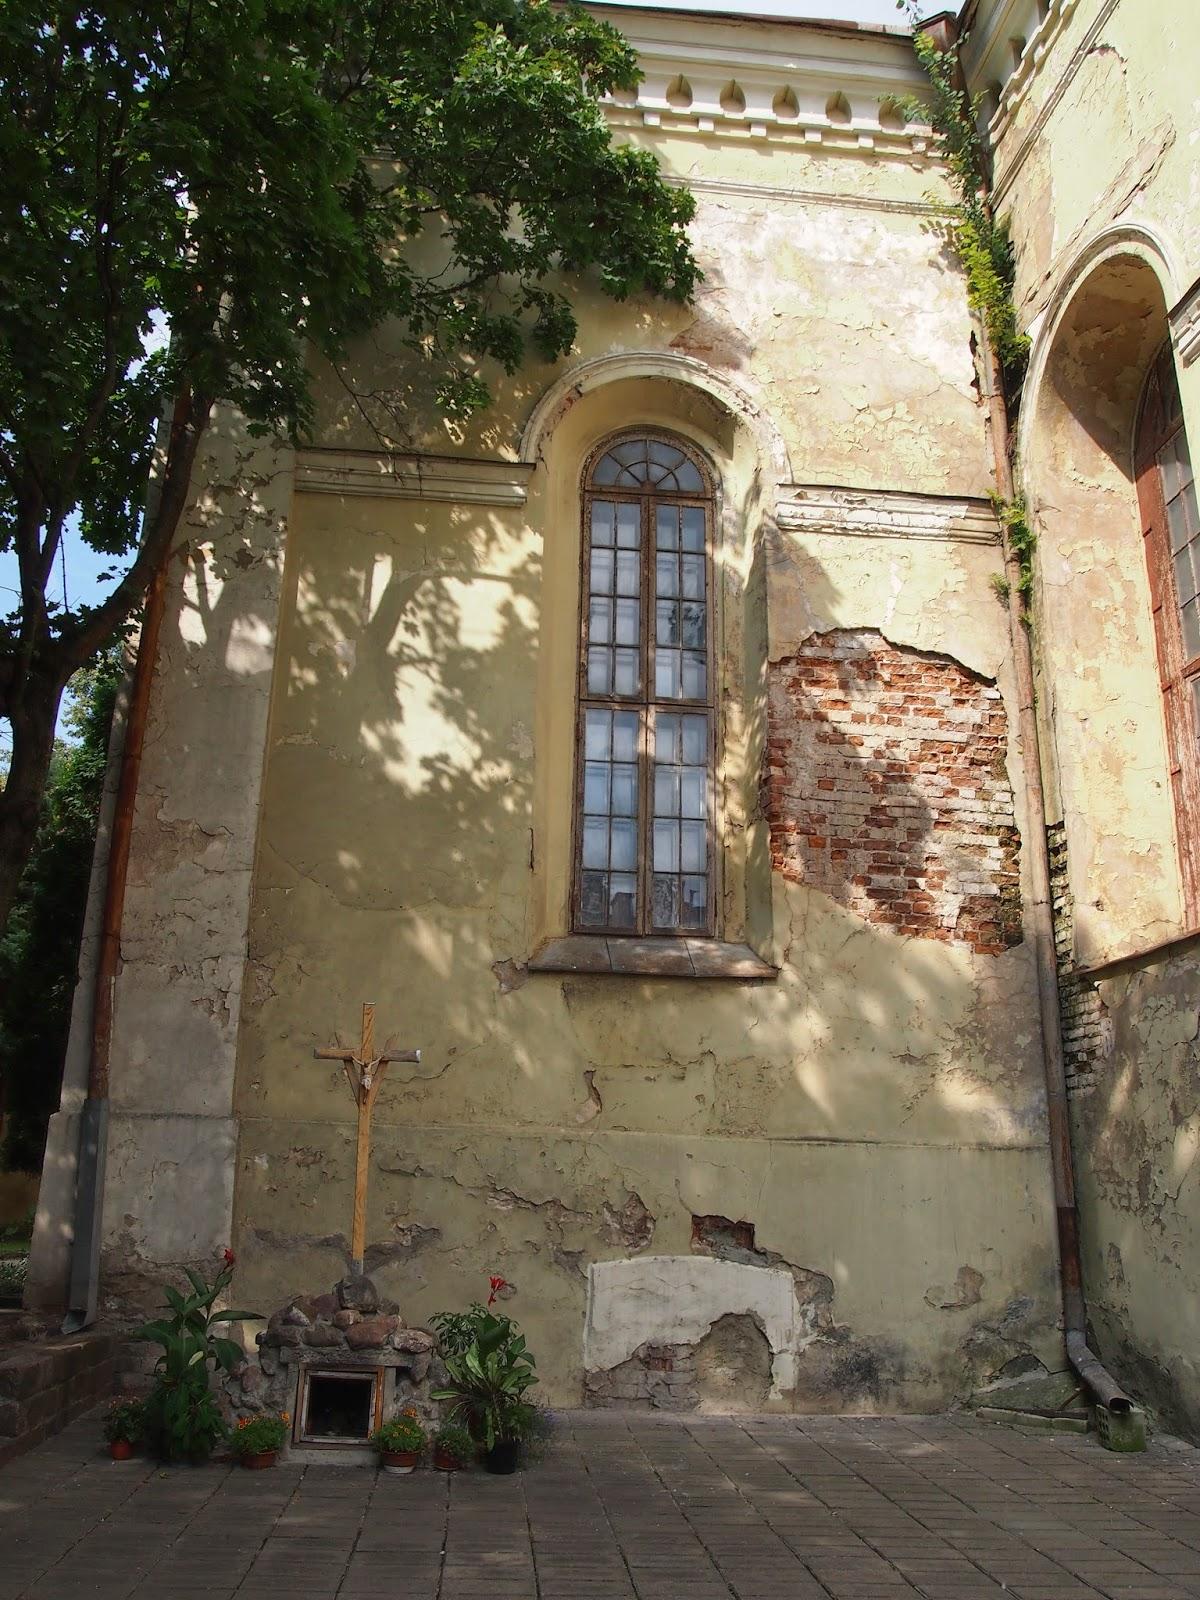 A church in disrepair in Kaunas Old Town